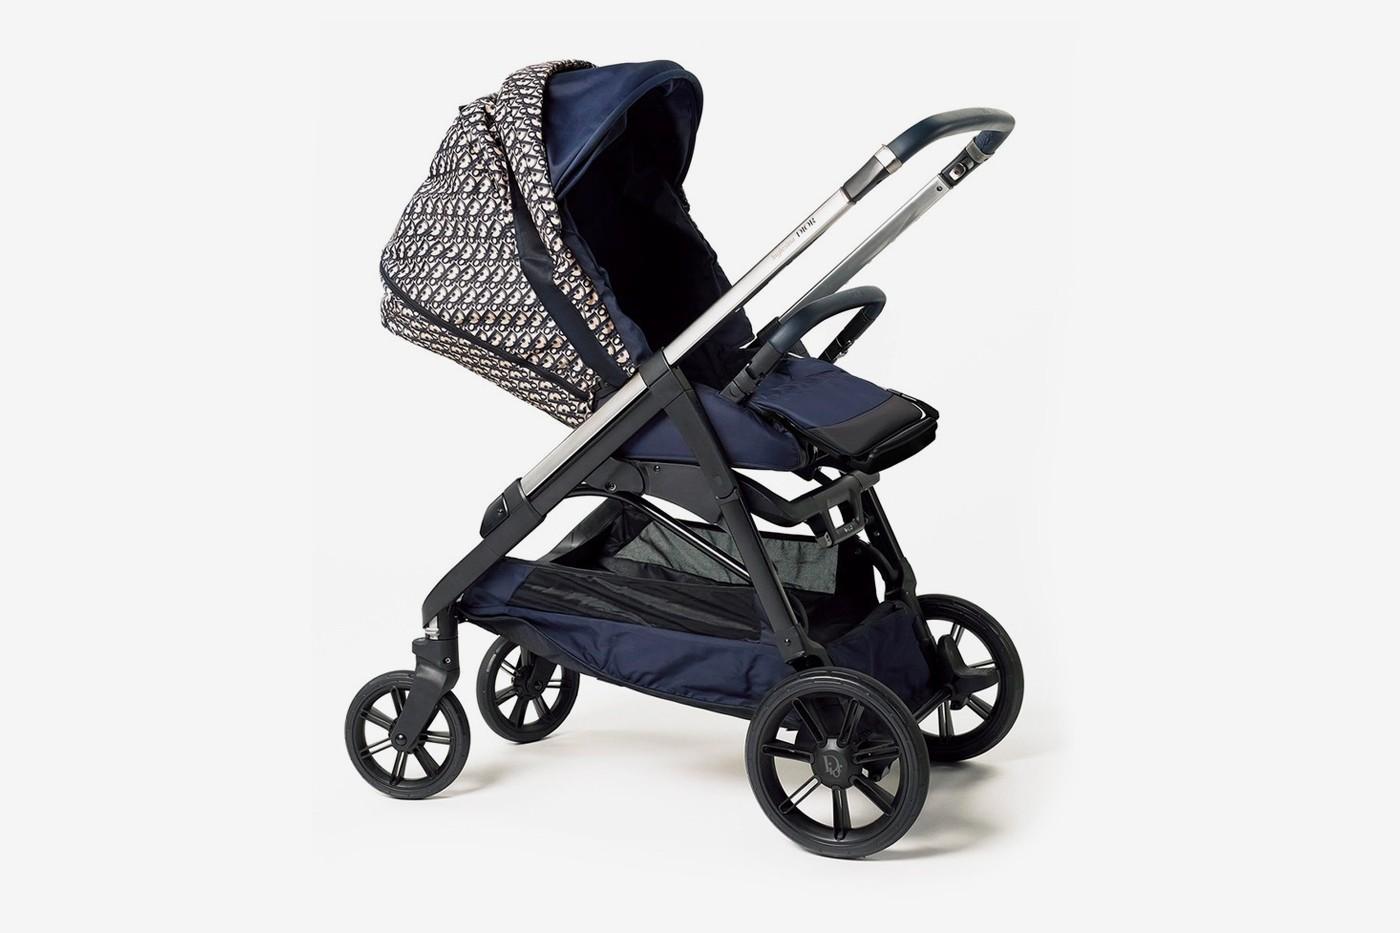 迪奥Dior推出首款采用Luxe Oblique Print的婴儿推车